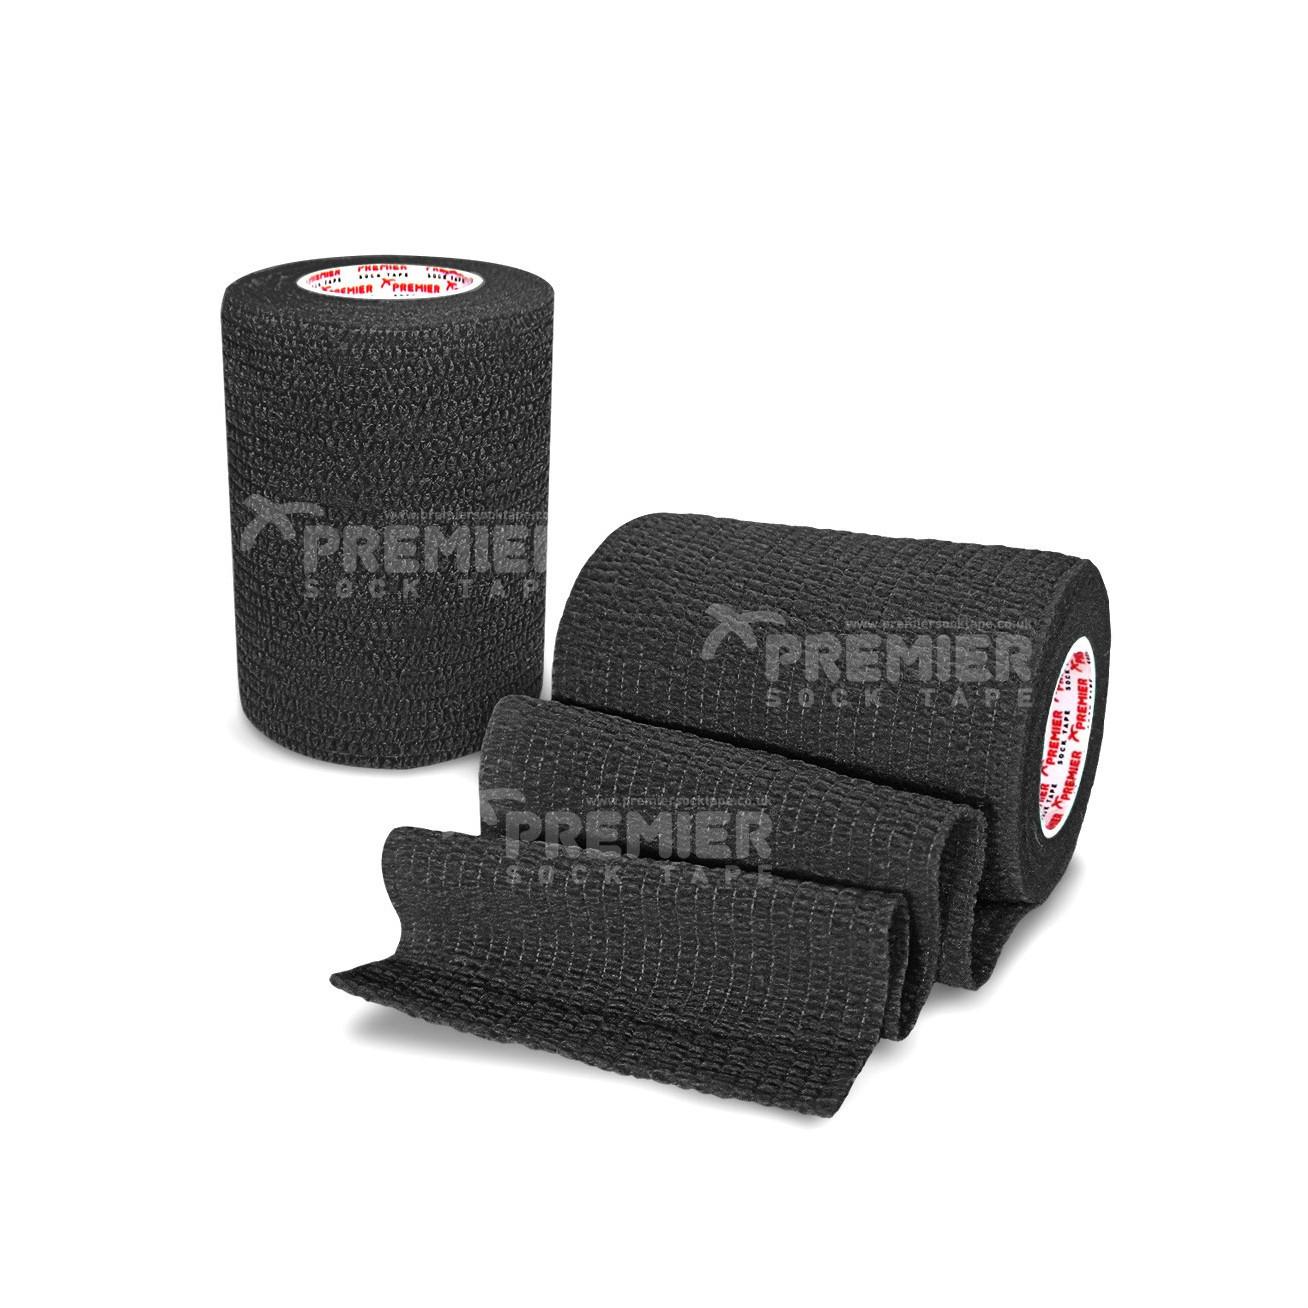 Premier Sock Tape Pro-Wrap 7.5cm x 4.5m